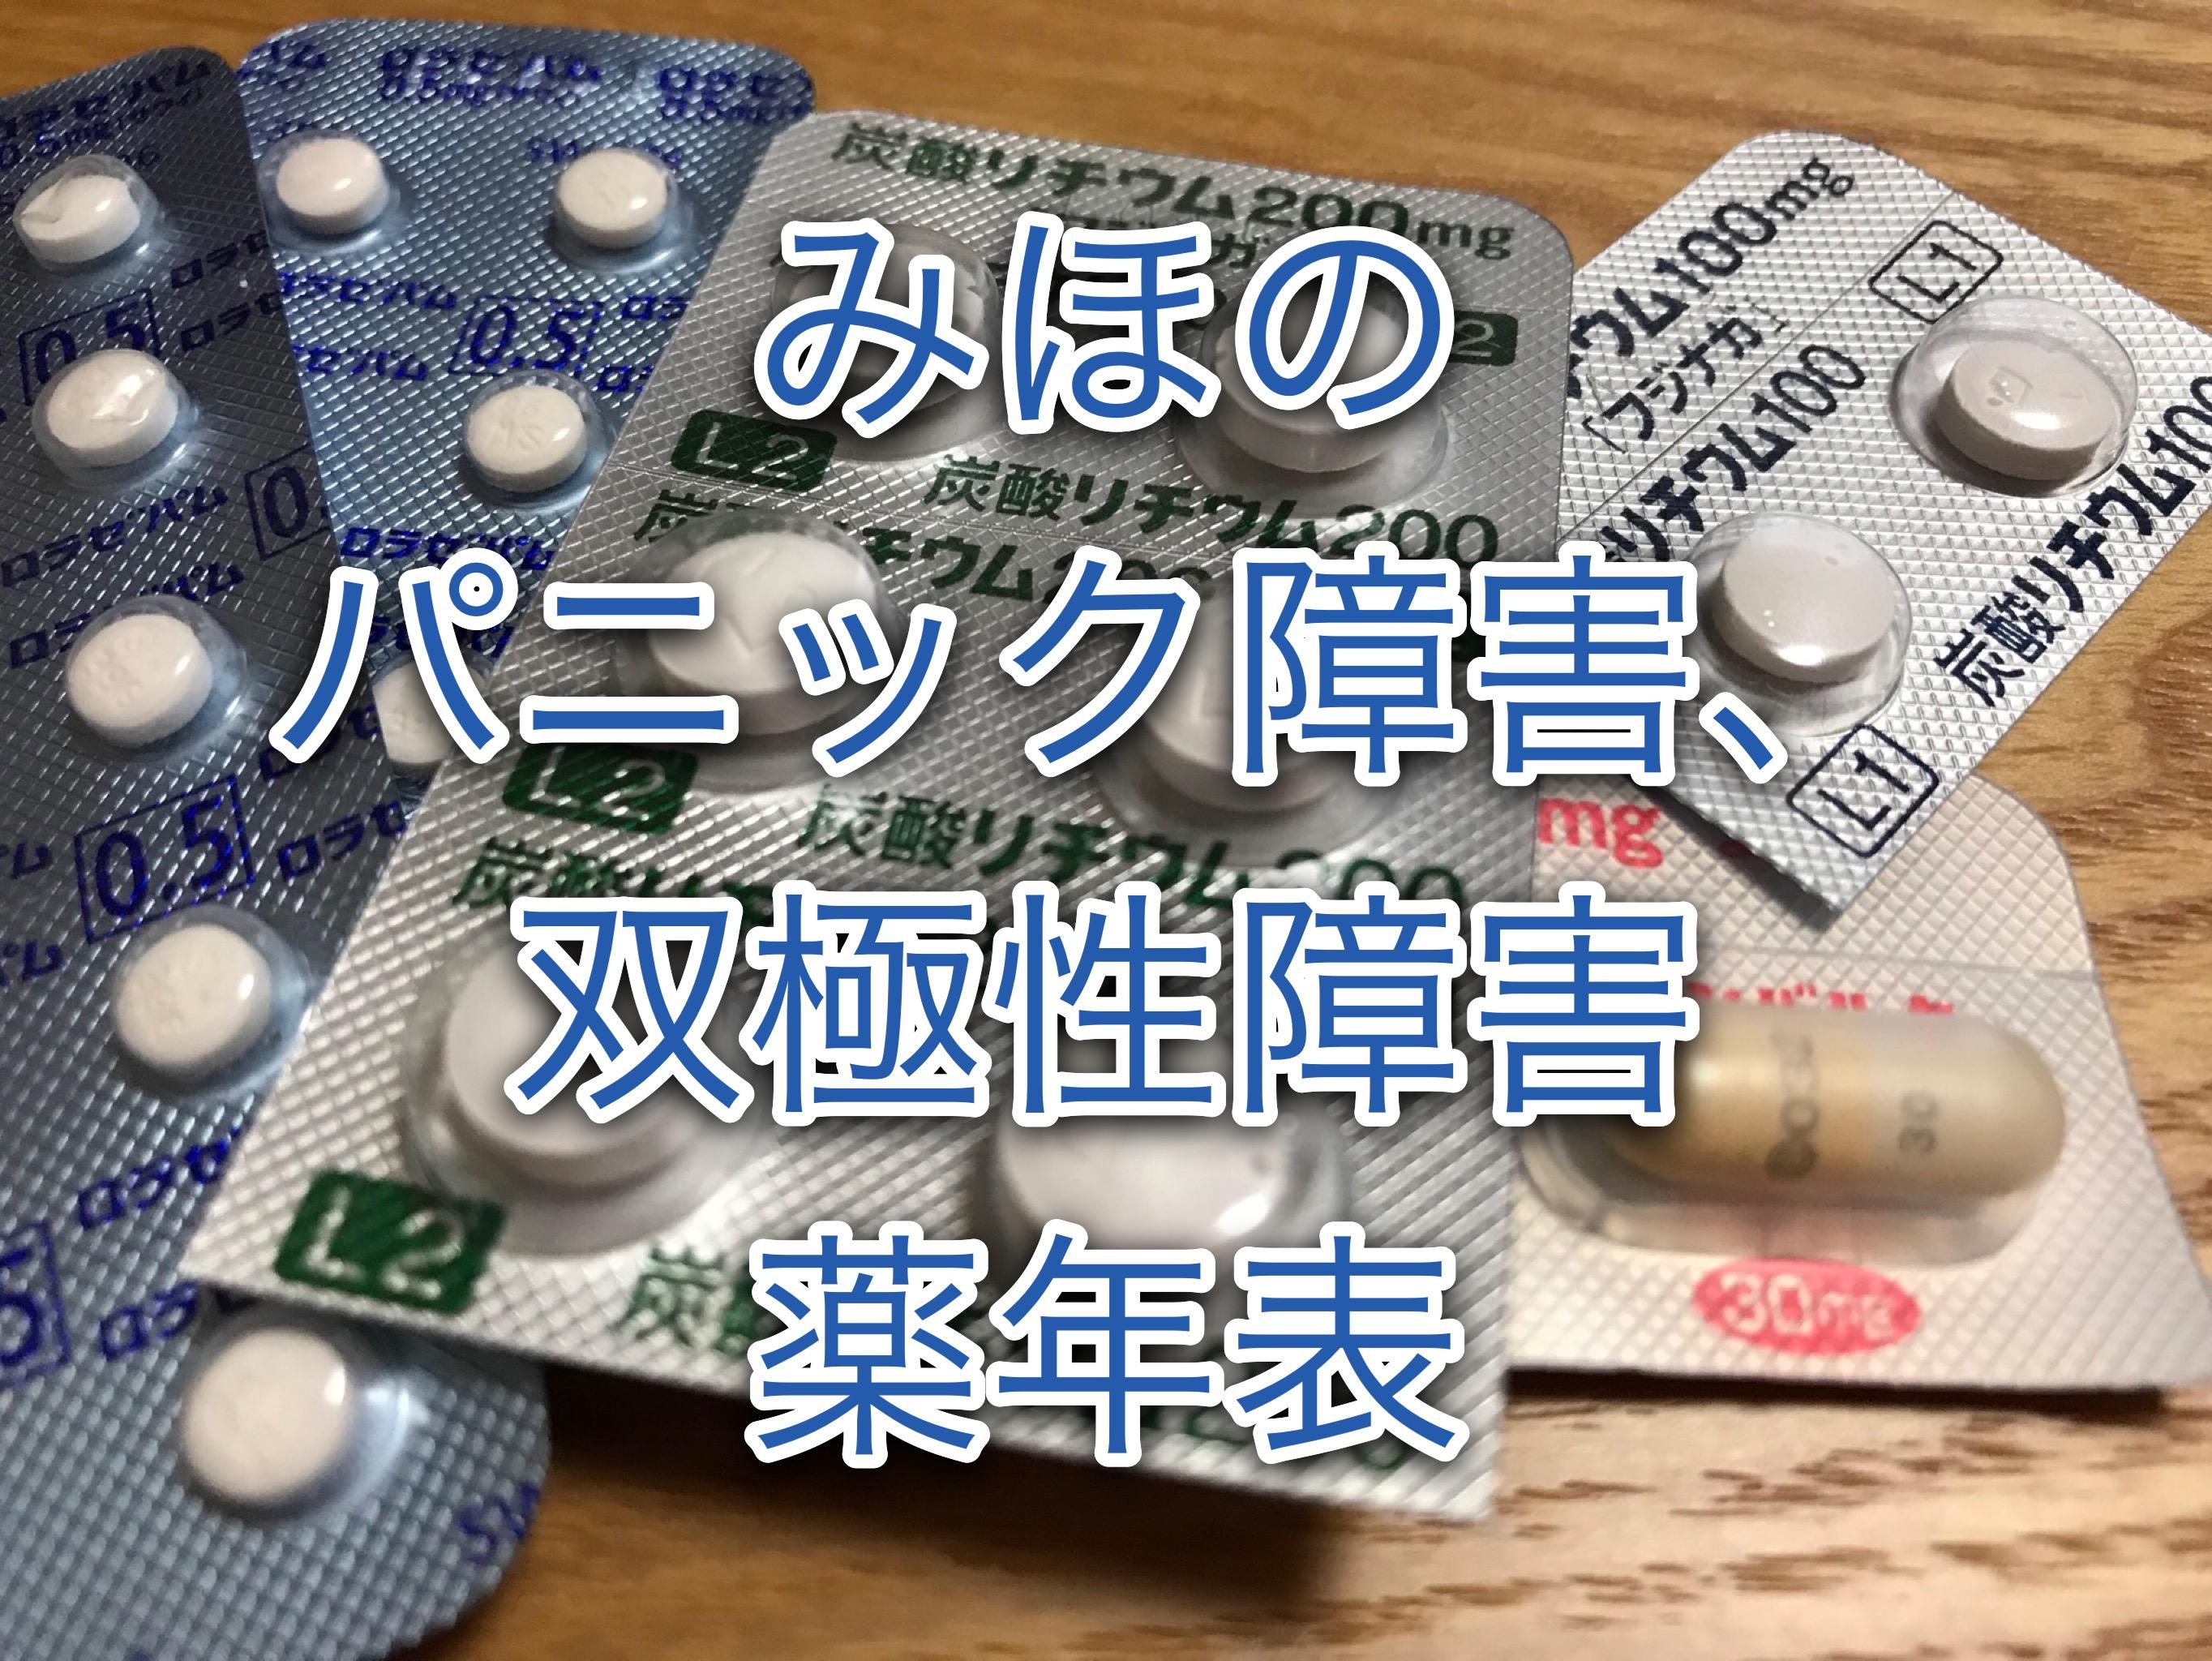 薬 パニック 障害